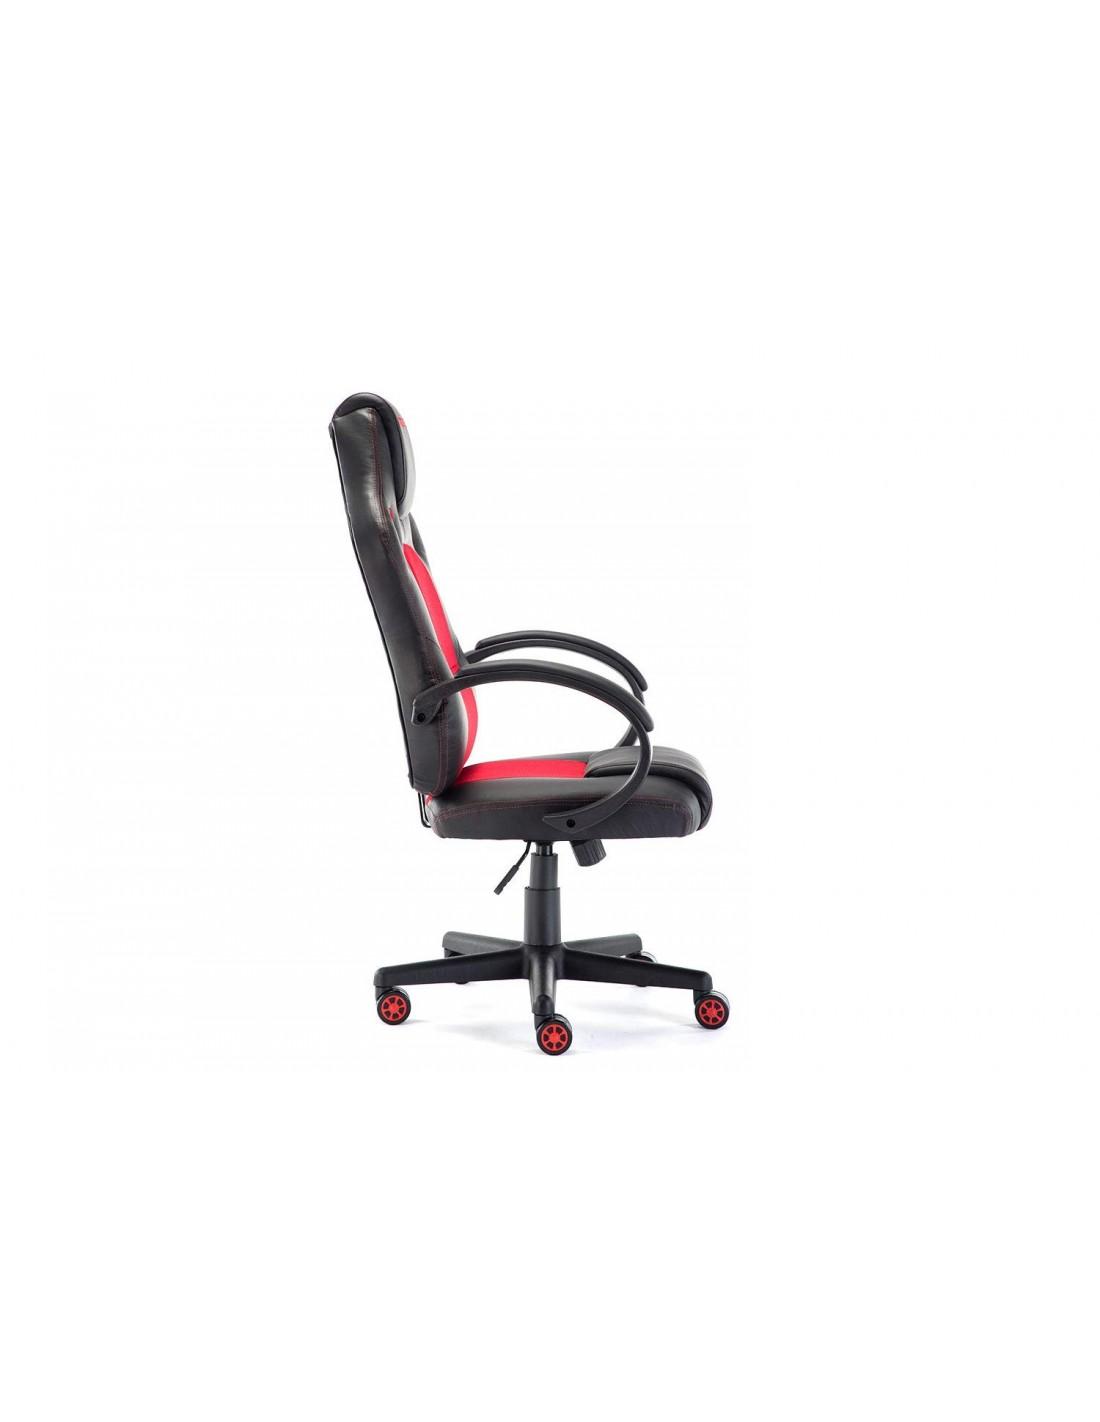 Poltrona Momo Design nera e rossa a soli 139,90